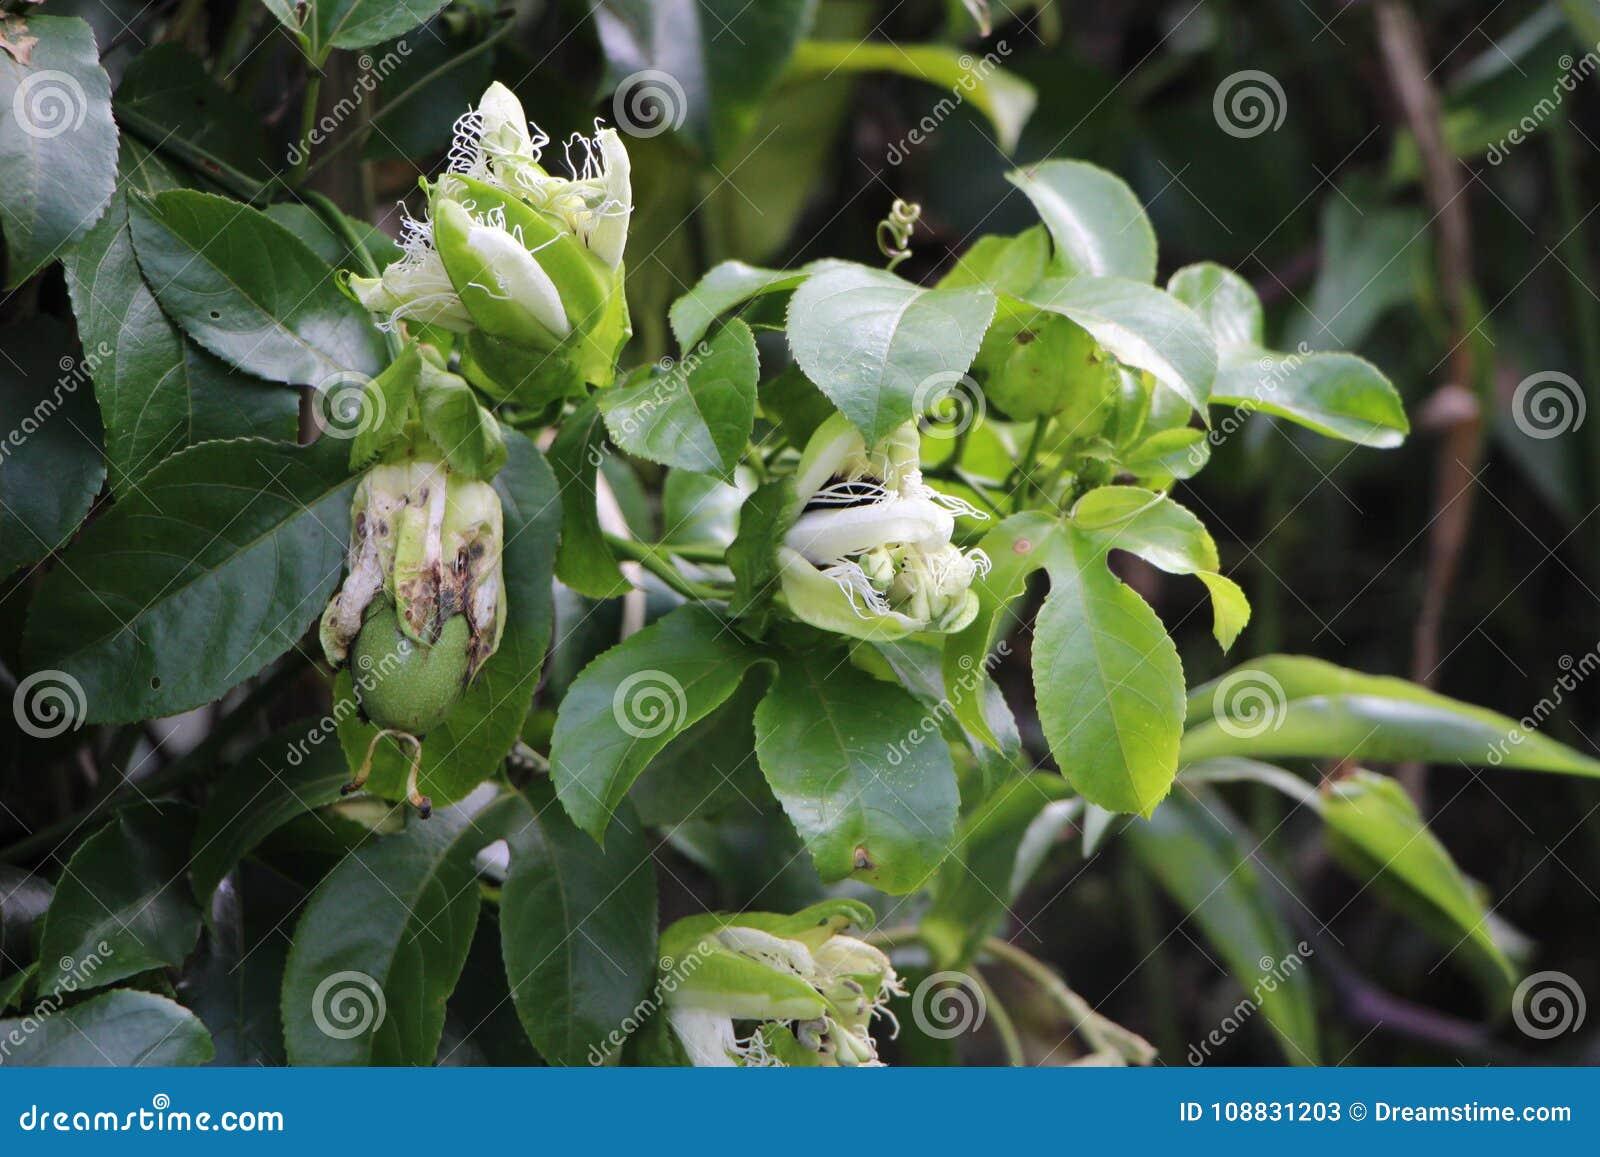 Planta Y Flor Flores De La Fruta De La Pasion De Matagalpa